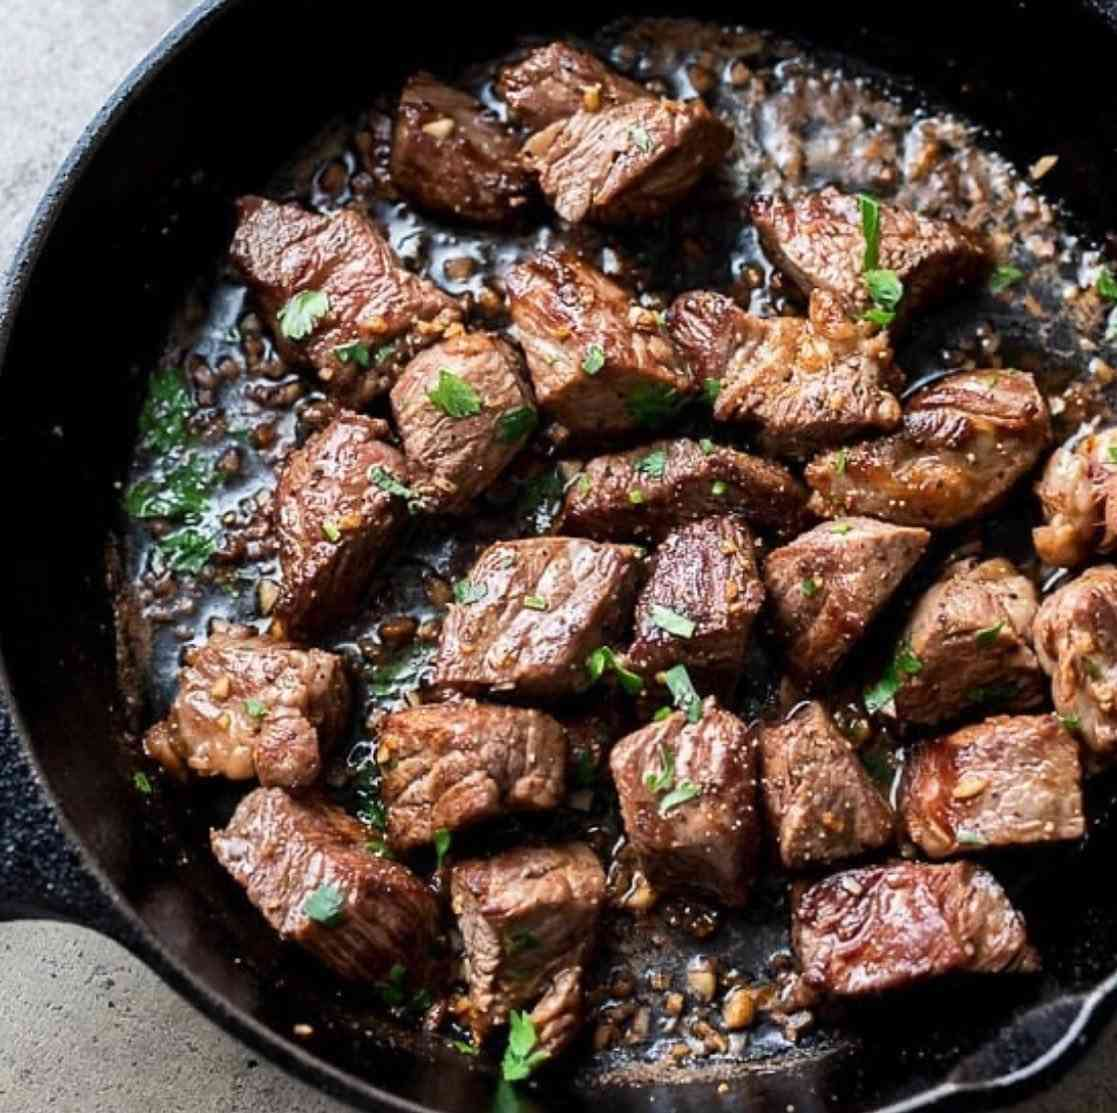 Steak Bites